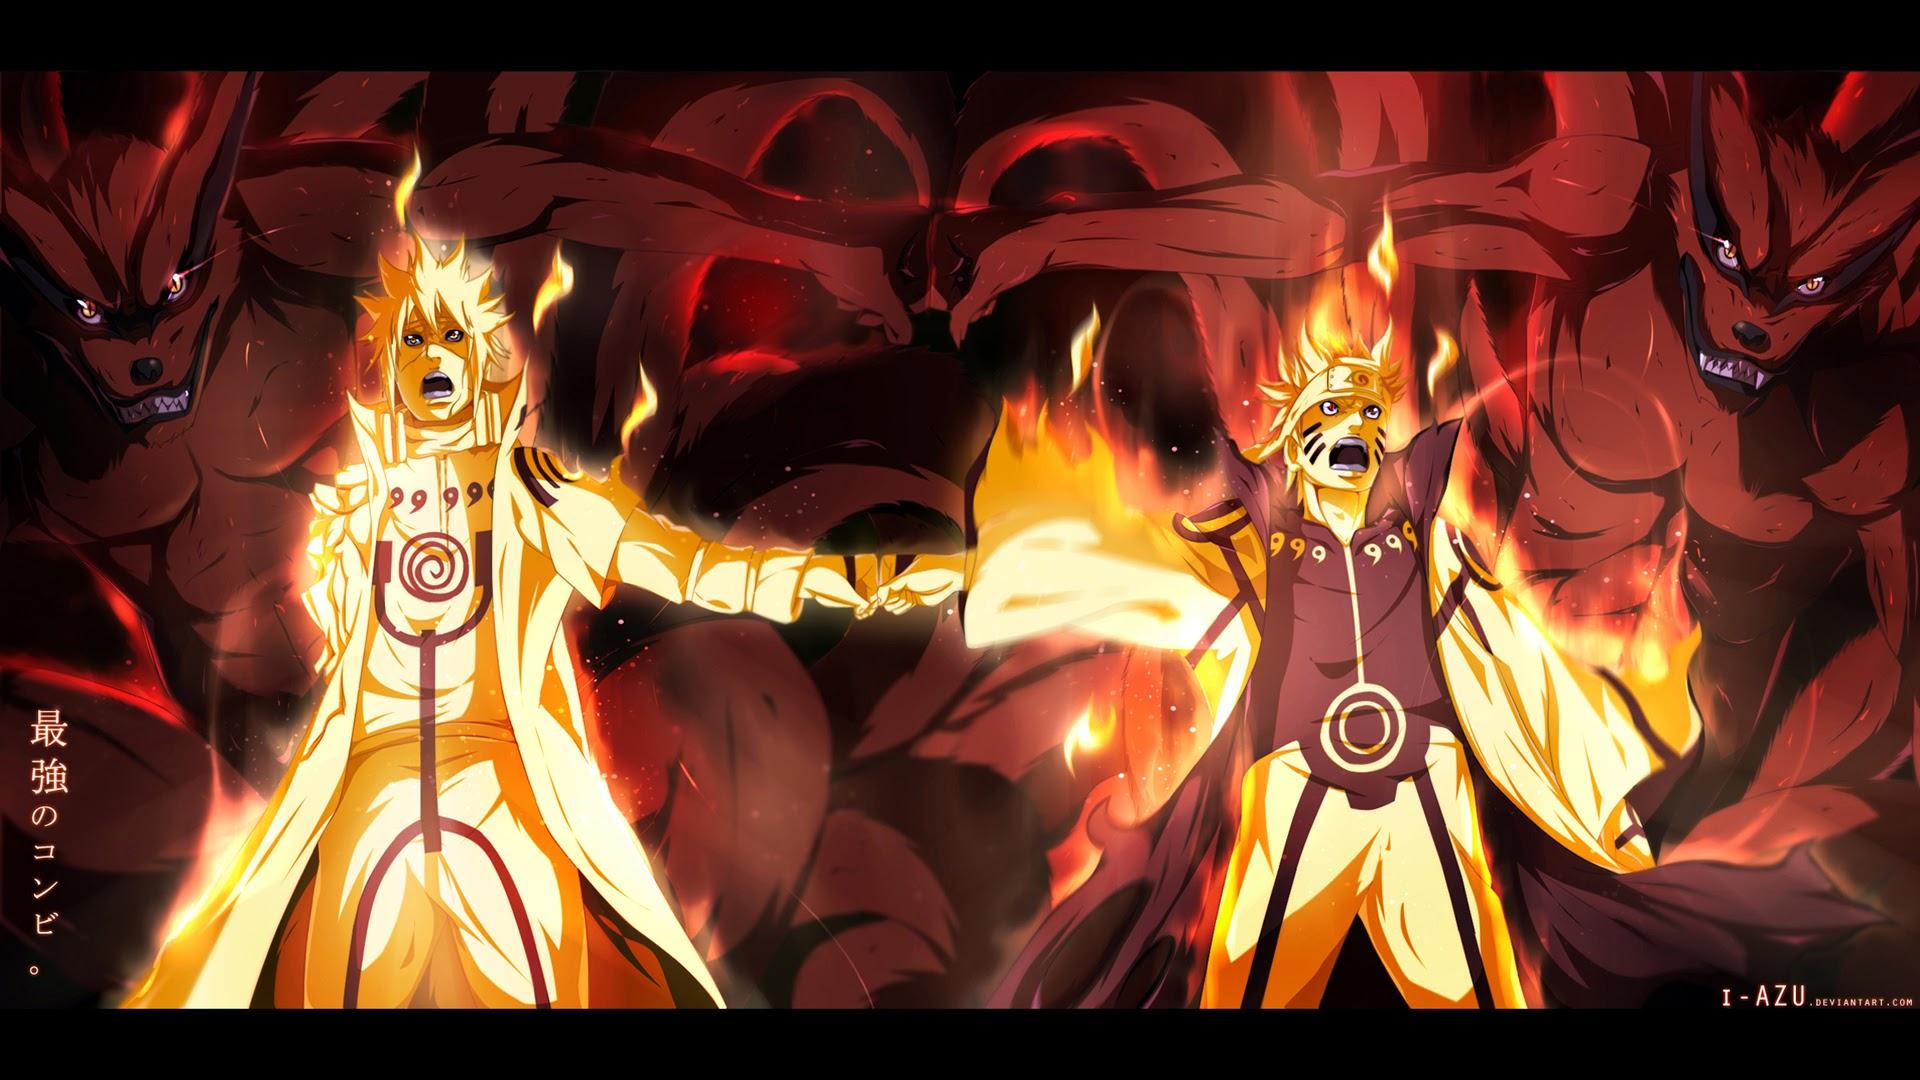 TL:14 - Download Wallpaper Naruto, Awesome Naruto HD Wallpapers